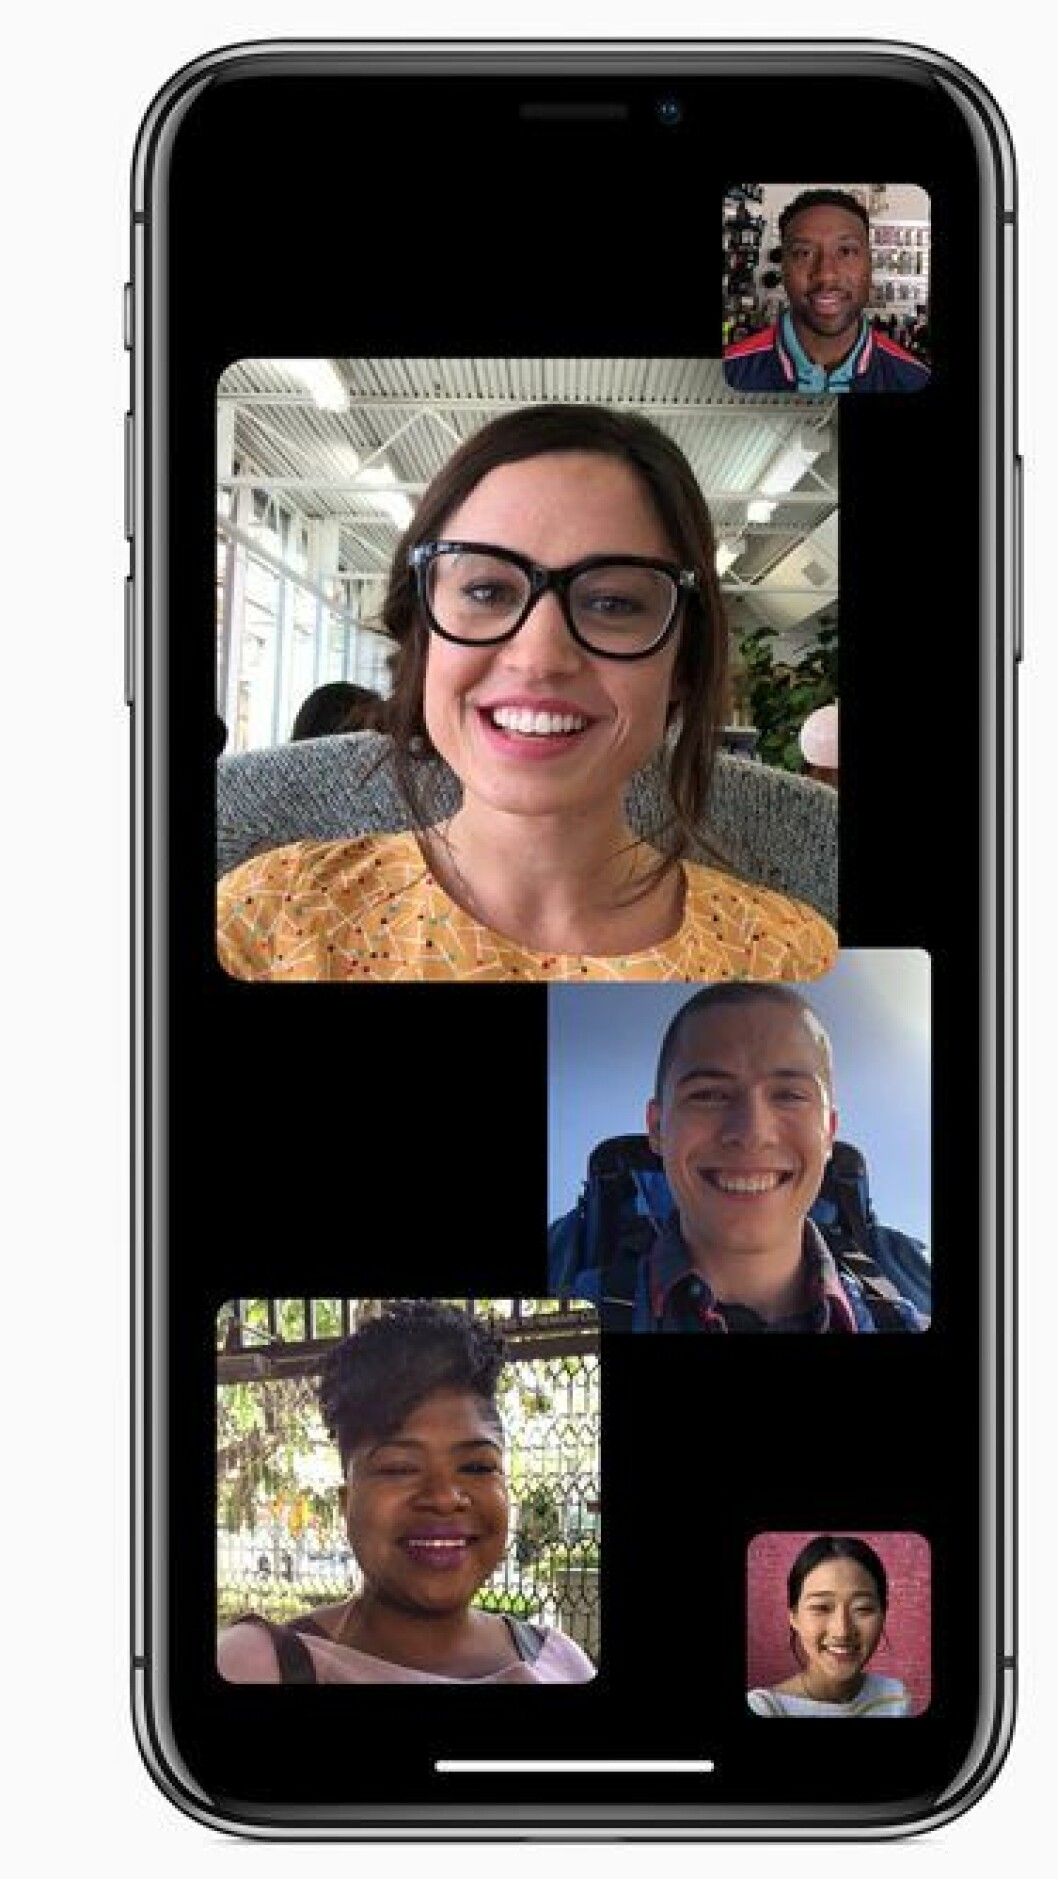 Gruppsamtal i Facetime är nu möjligt med nya iOS12 för iPhone.